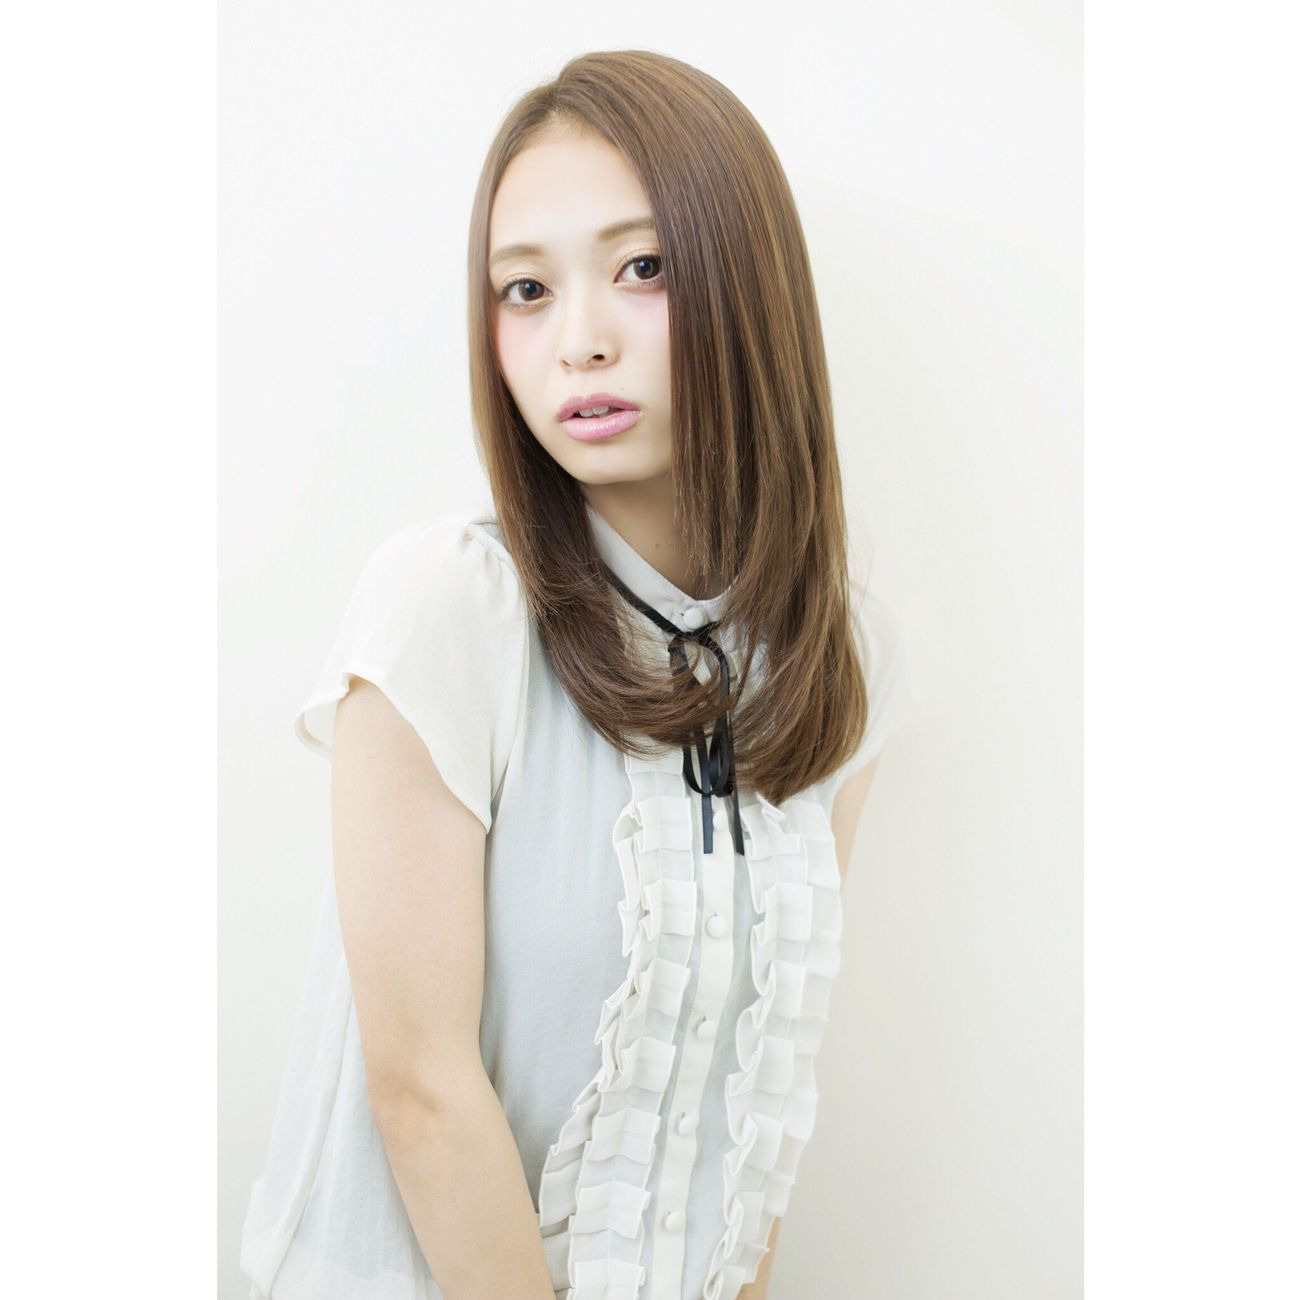 3人目ストレートスタイル 美容室 サロンモデル 箕面 Hairstyle Kokubutoshinobu Japanese Girl Japan Beauty Girl Beauty Of Nature Beauty Hair